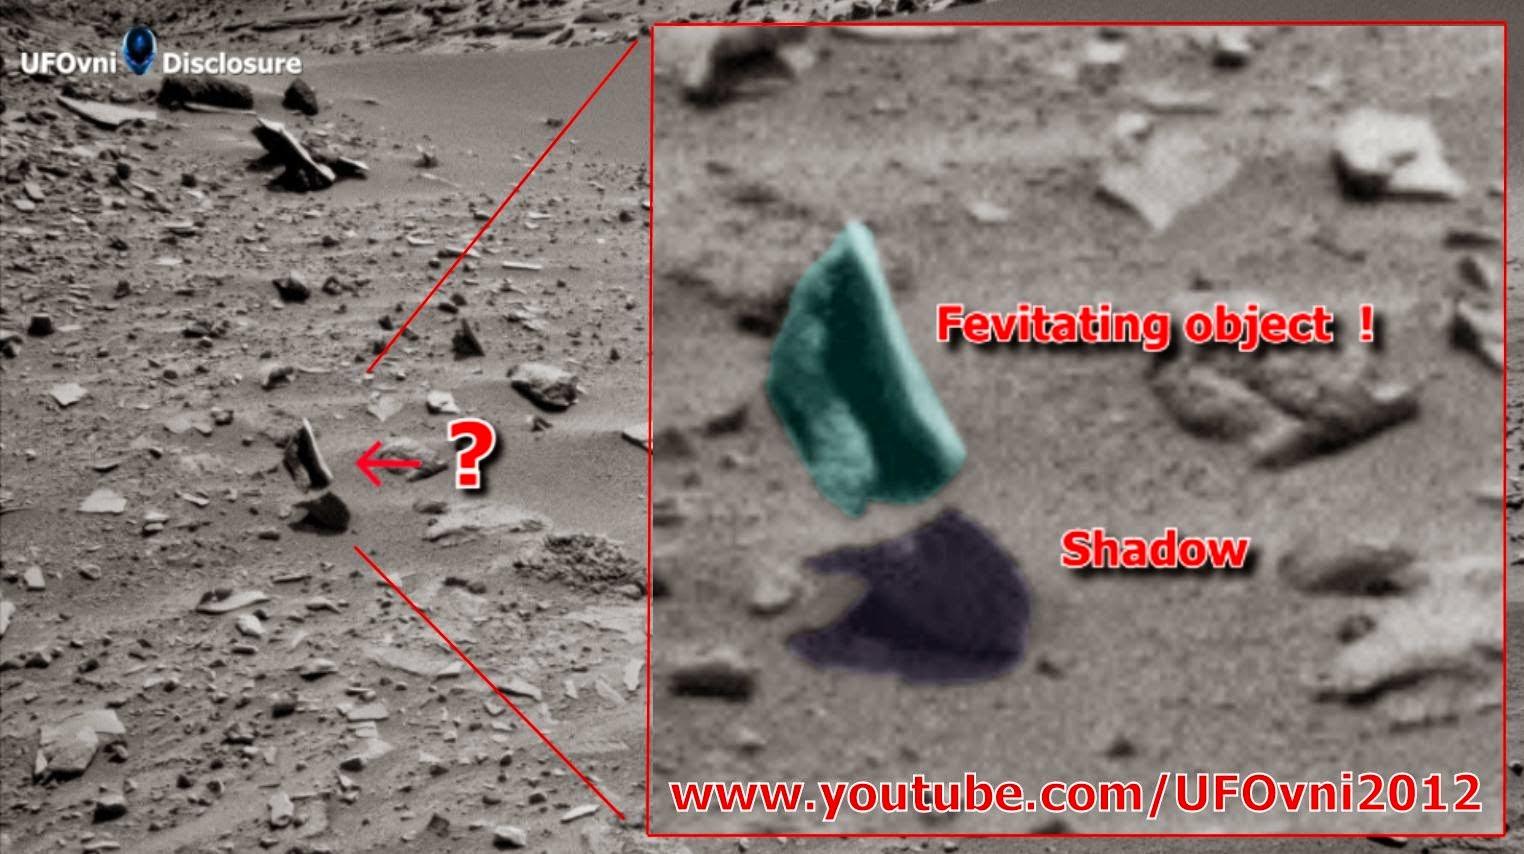 Mars a photographié un objet mystérieux qui semble léviter au-dessus de la surface de Mars